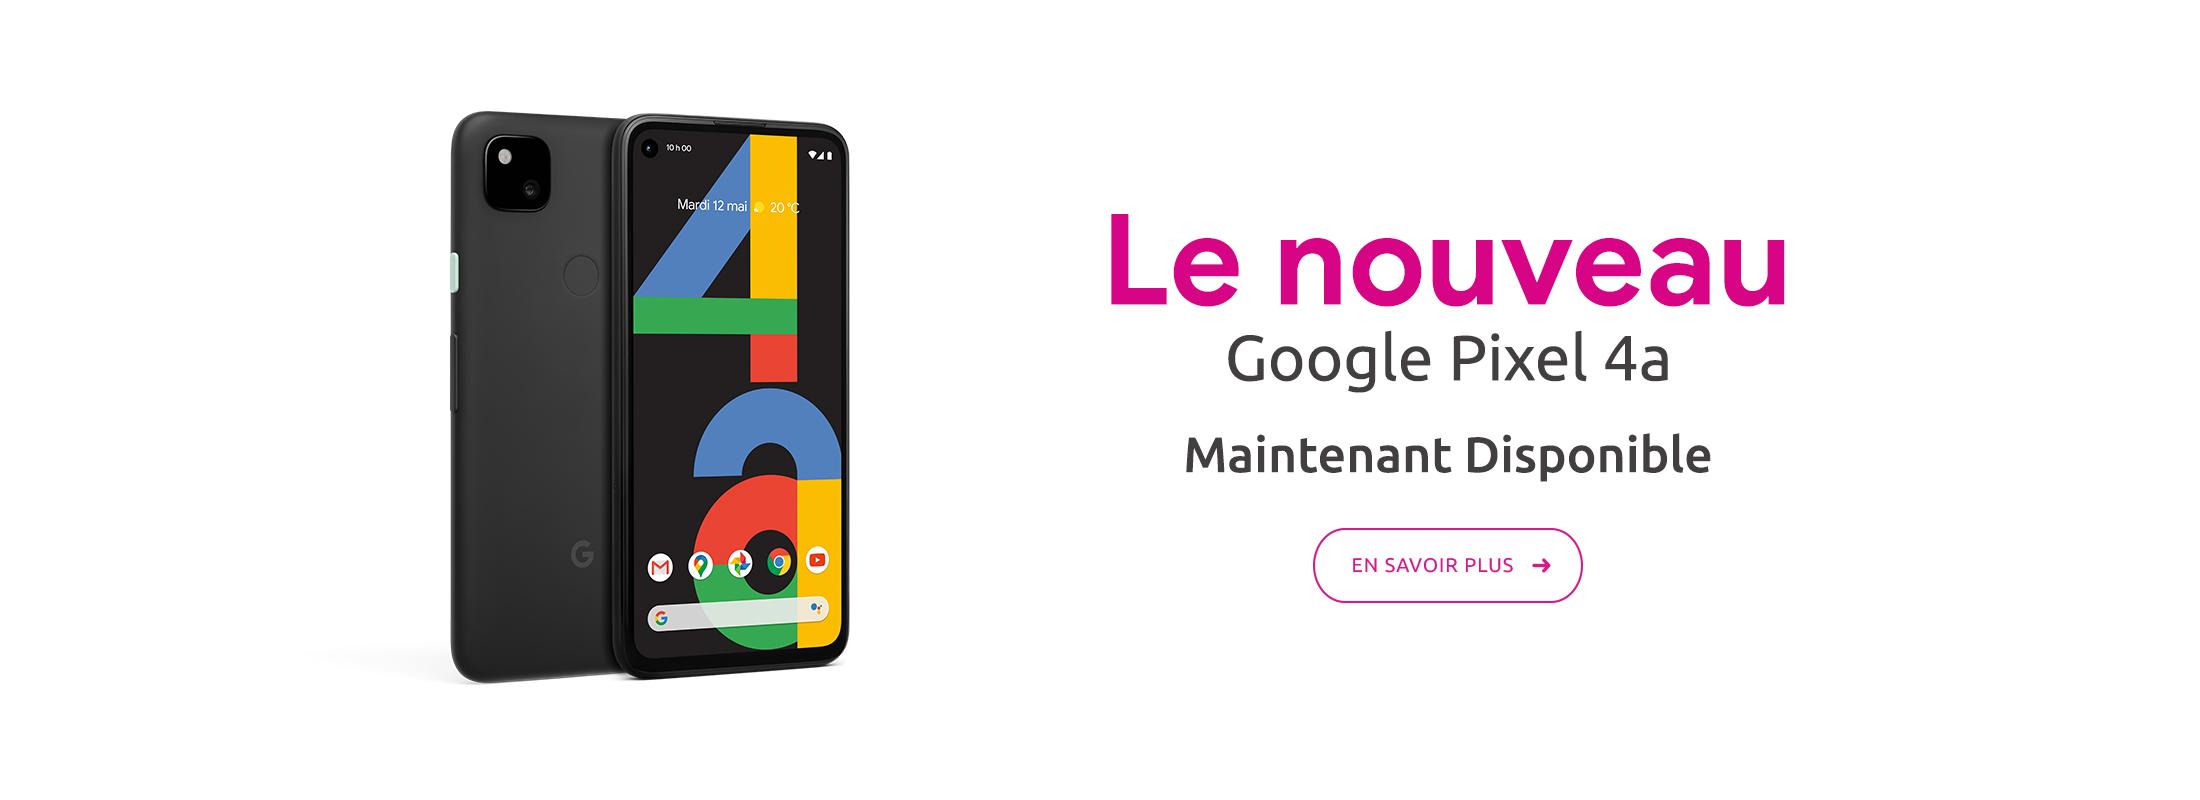 En savoir plus sur Google Pixel 4a